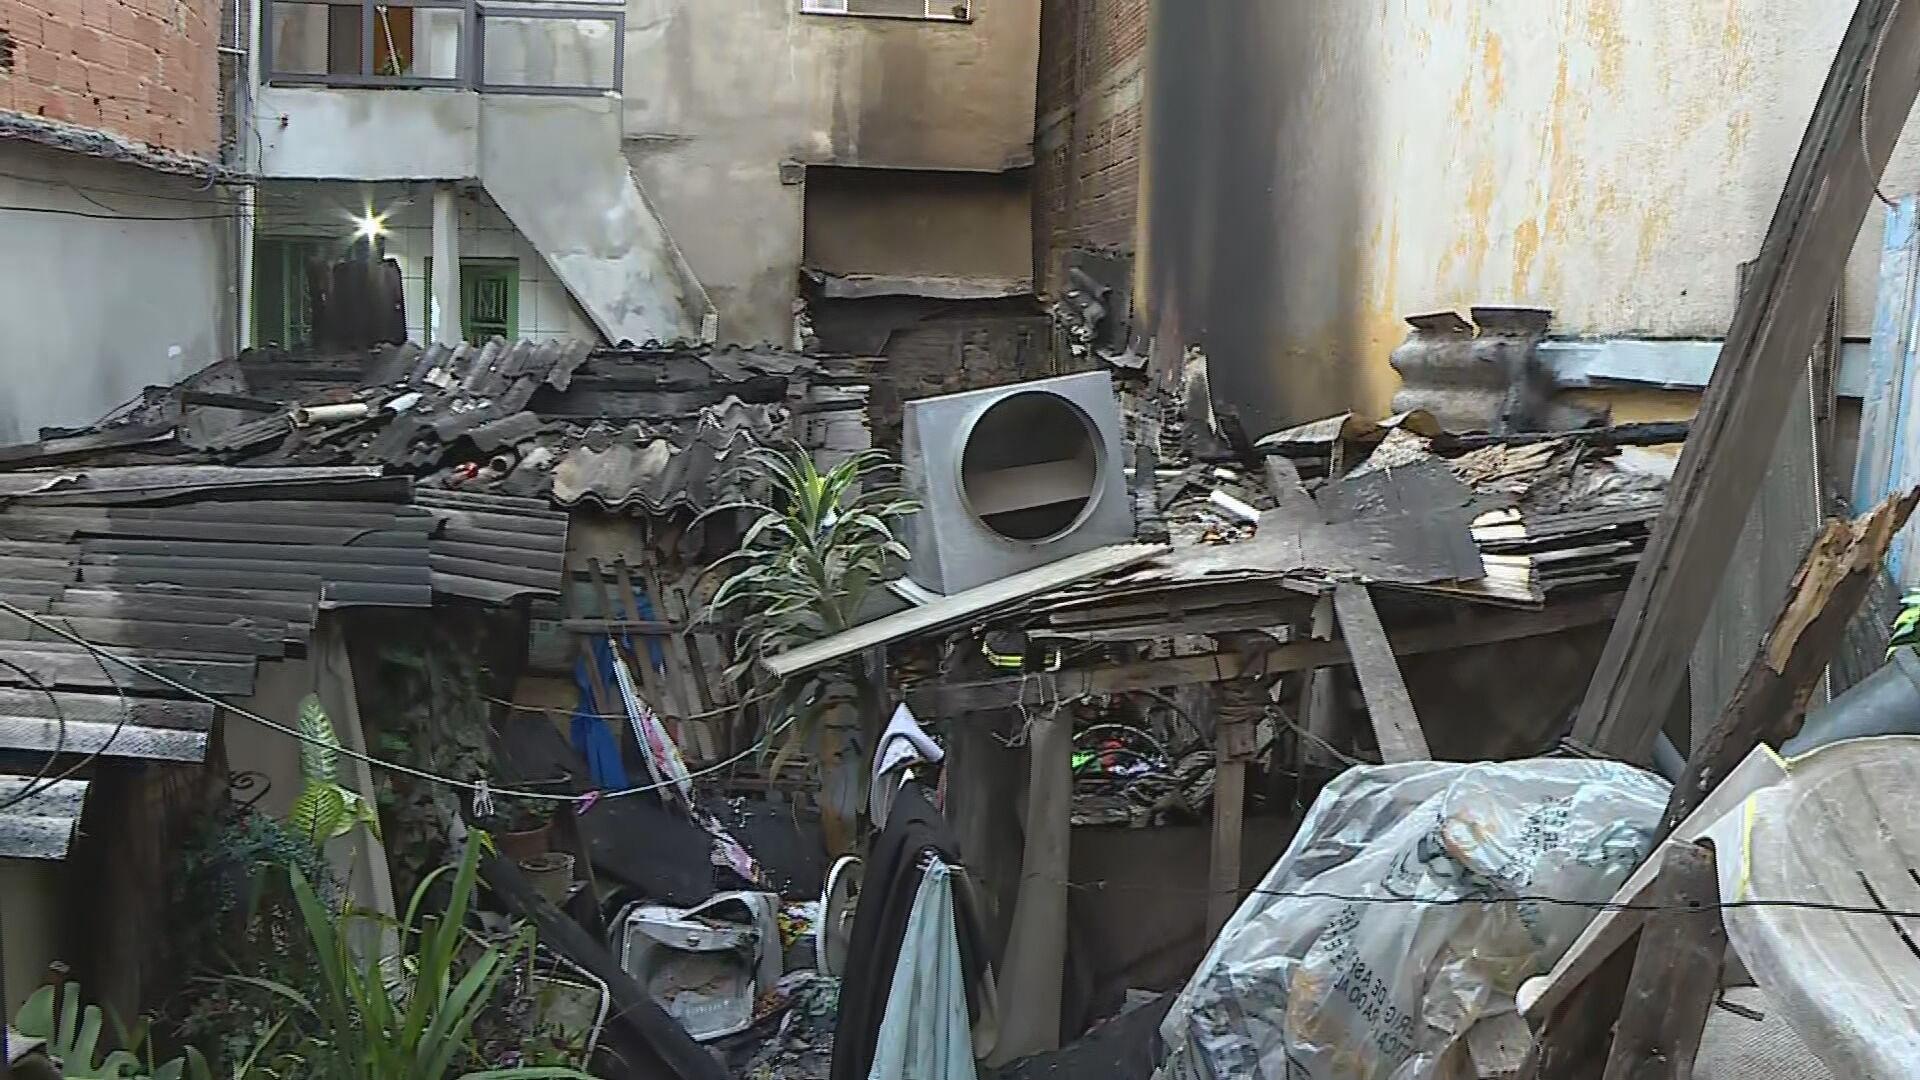 Quintal de casa com acúmulo de lixo e ferro-velho pega fogo em BH